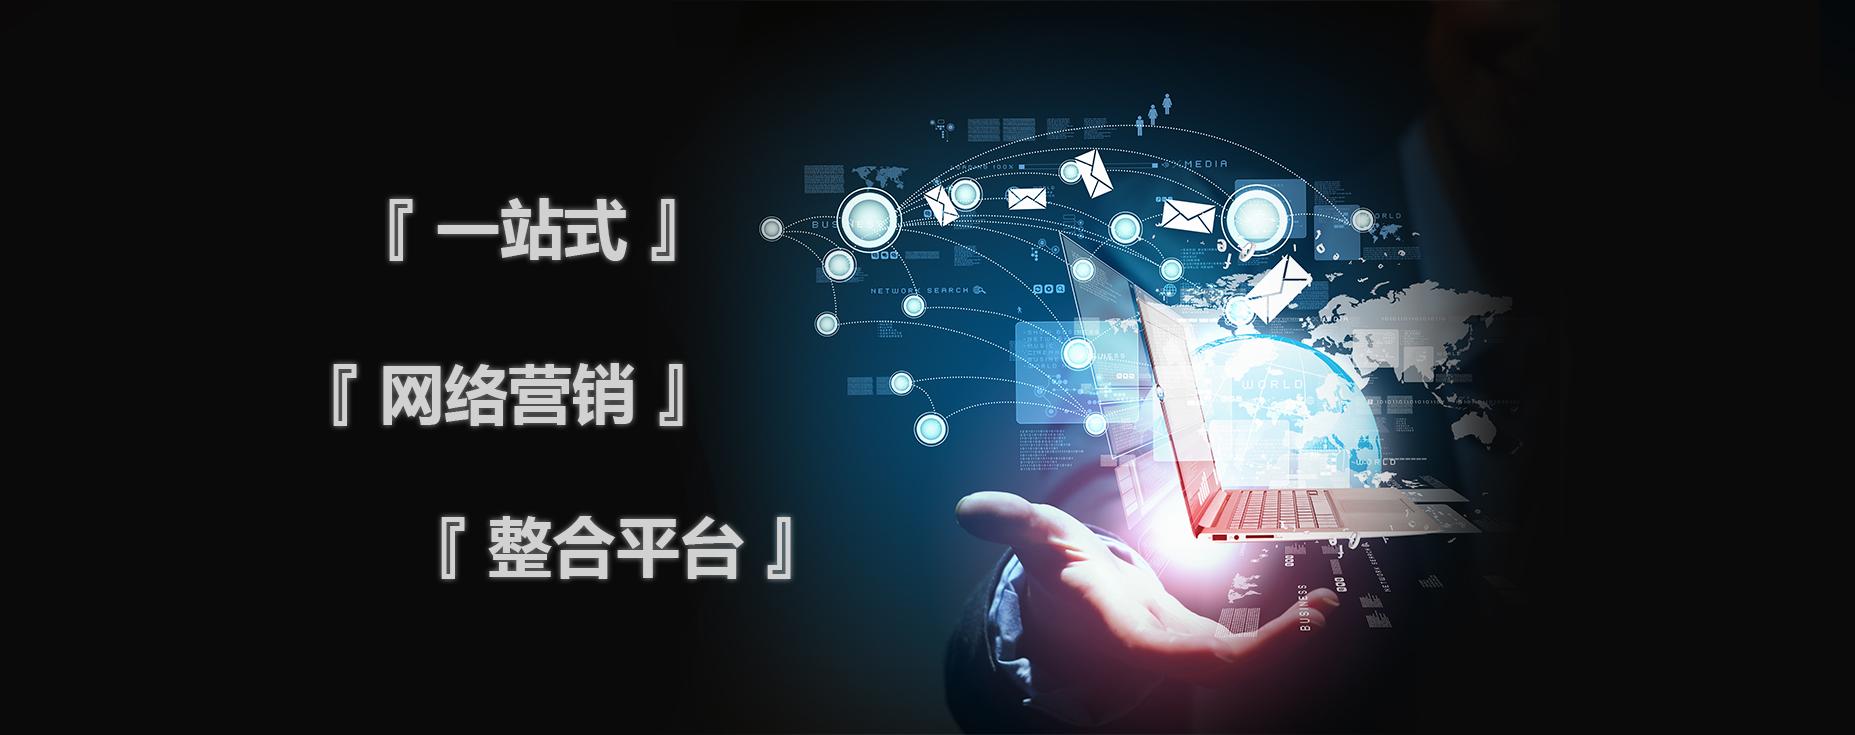 深圳整站优化公司签约龙岗富海360推广合作